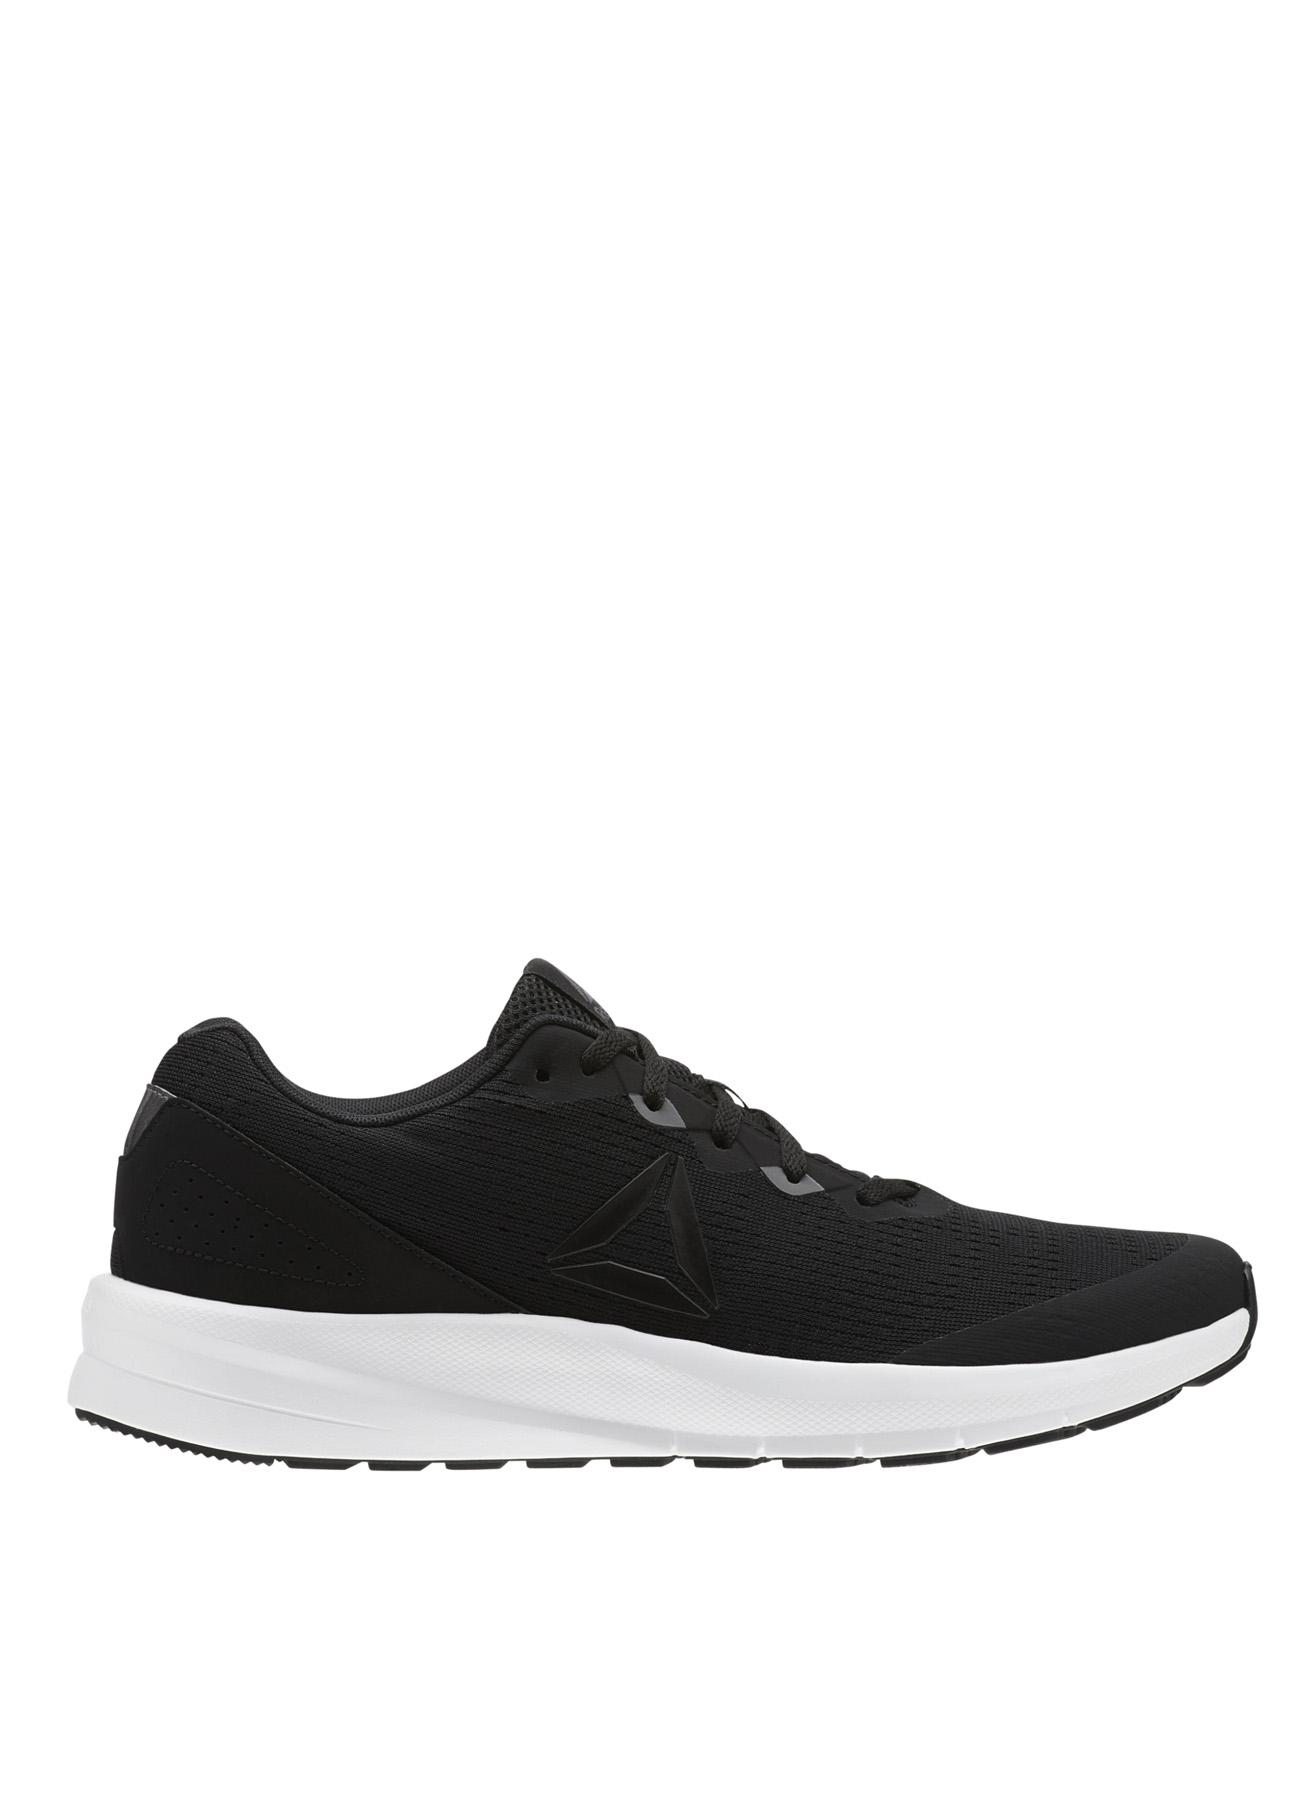 Reebok Runner 3.0 Koşu Ayakkabısı 40 5001633313002 Ürün Resmi